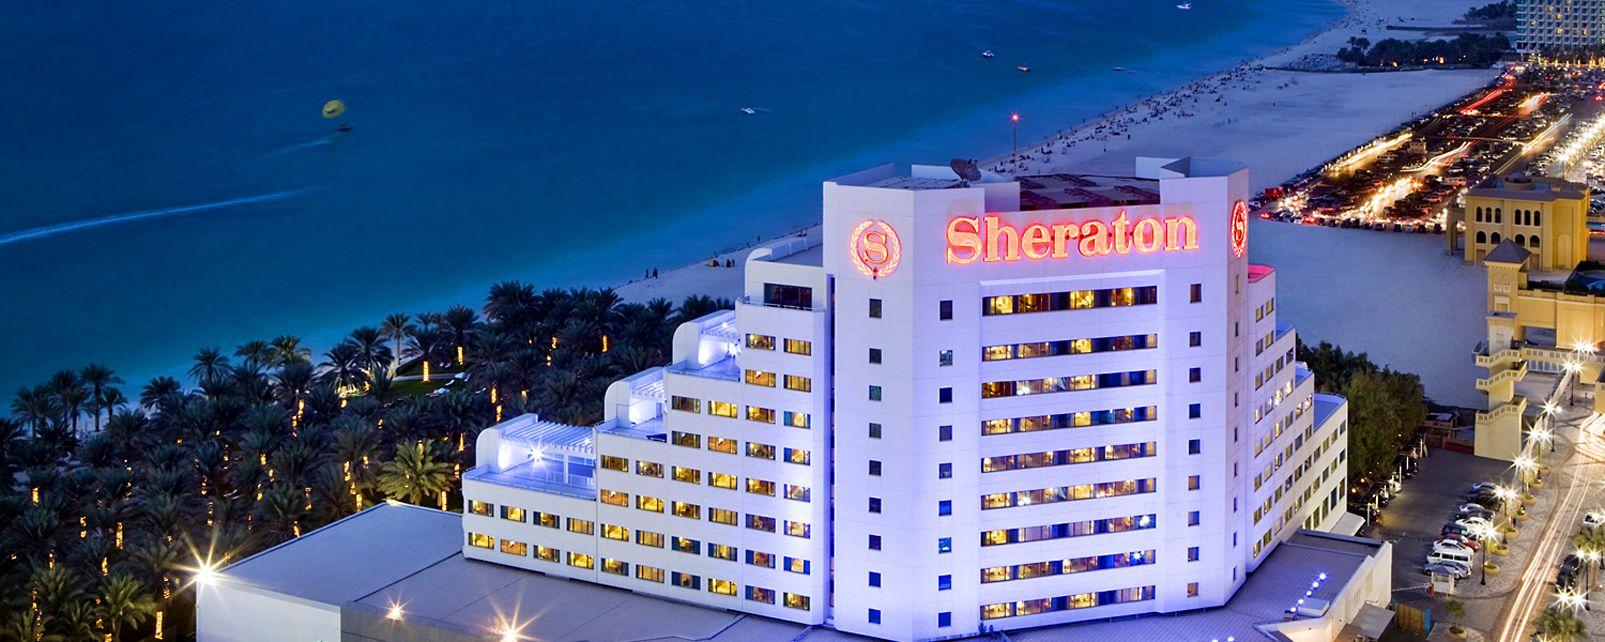 Hôtel Sheraton Jumeirah Beach